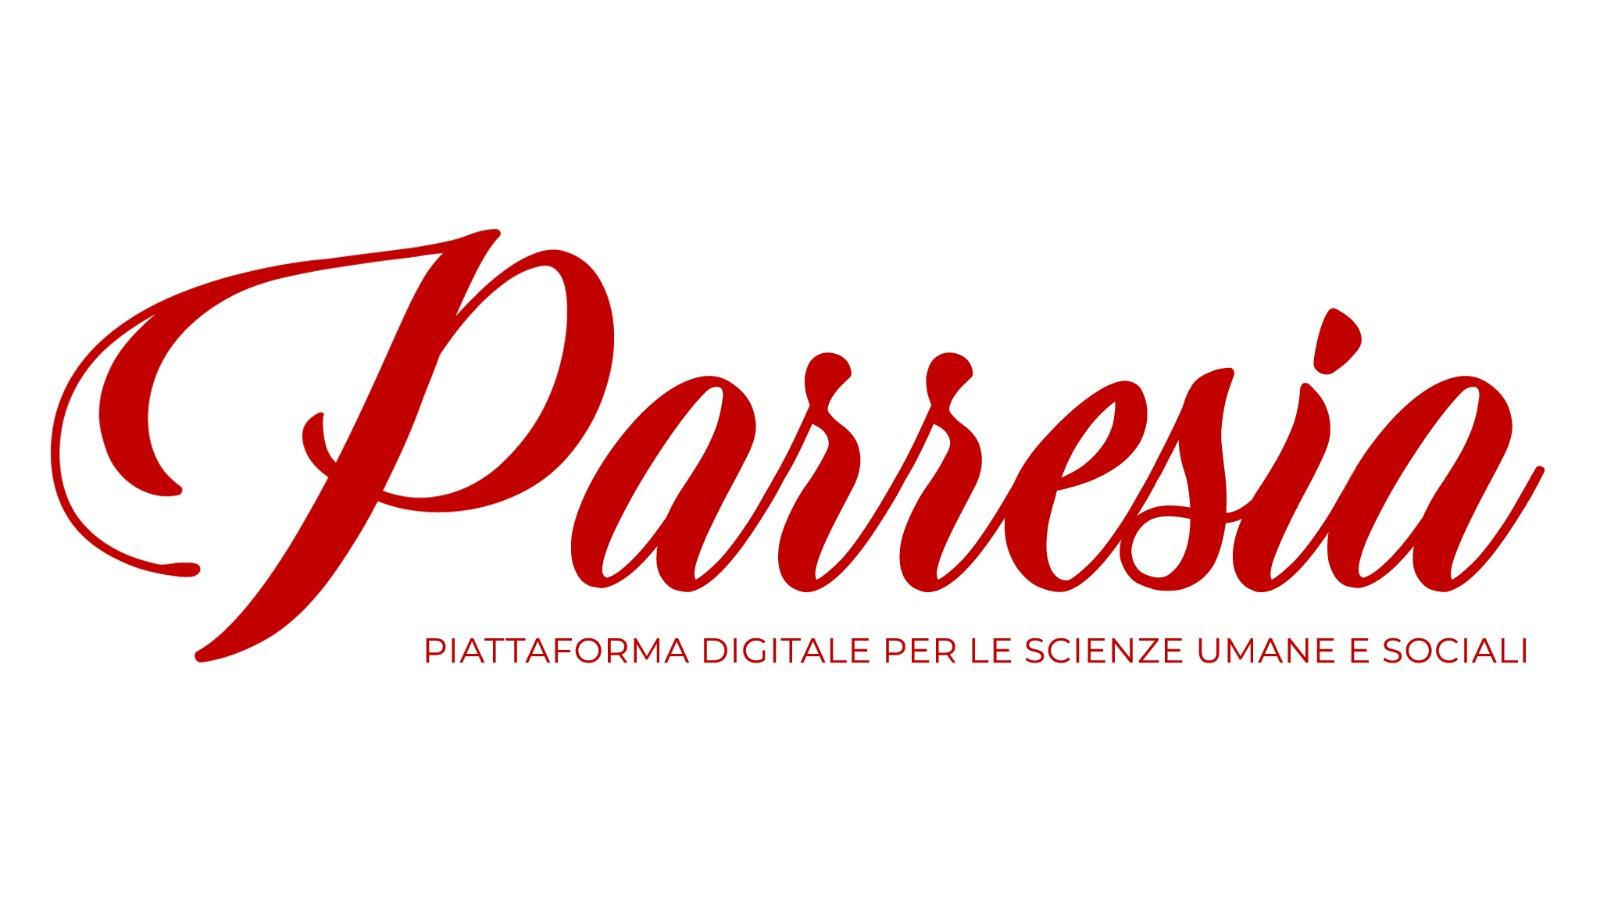 PARRESIA_N.jpg